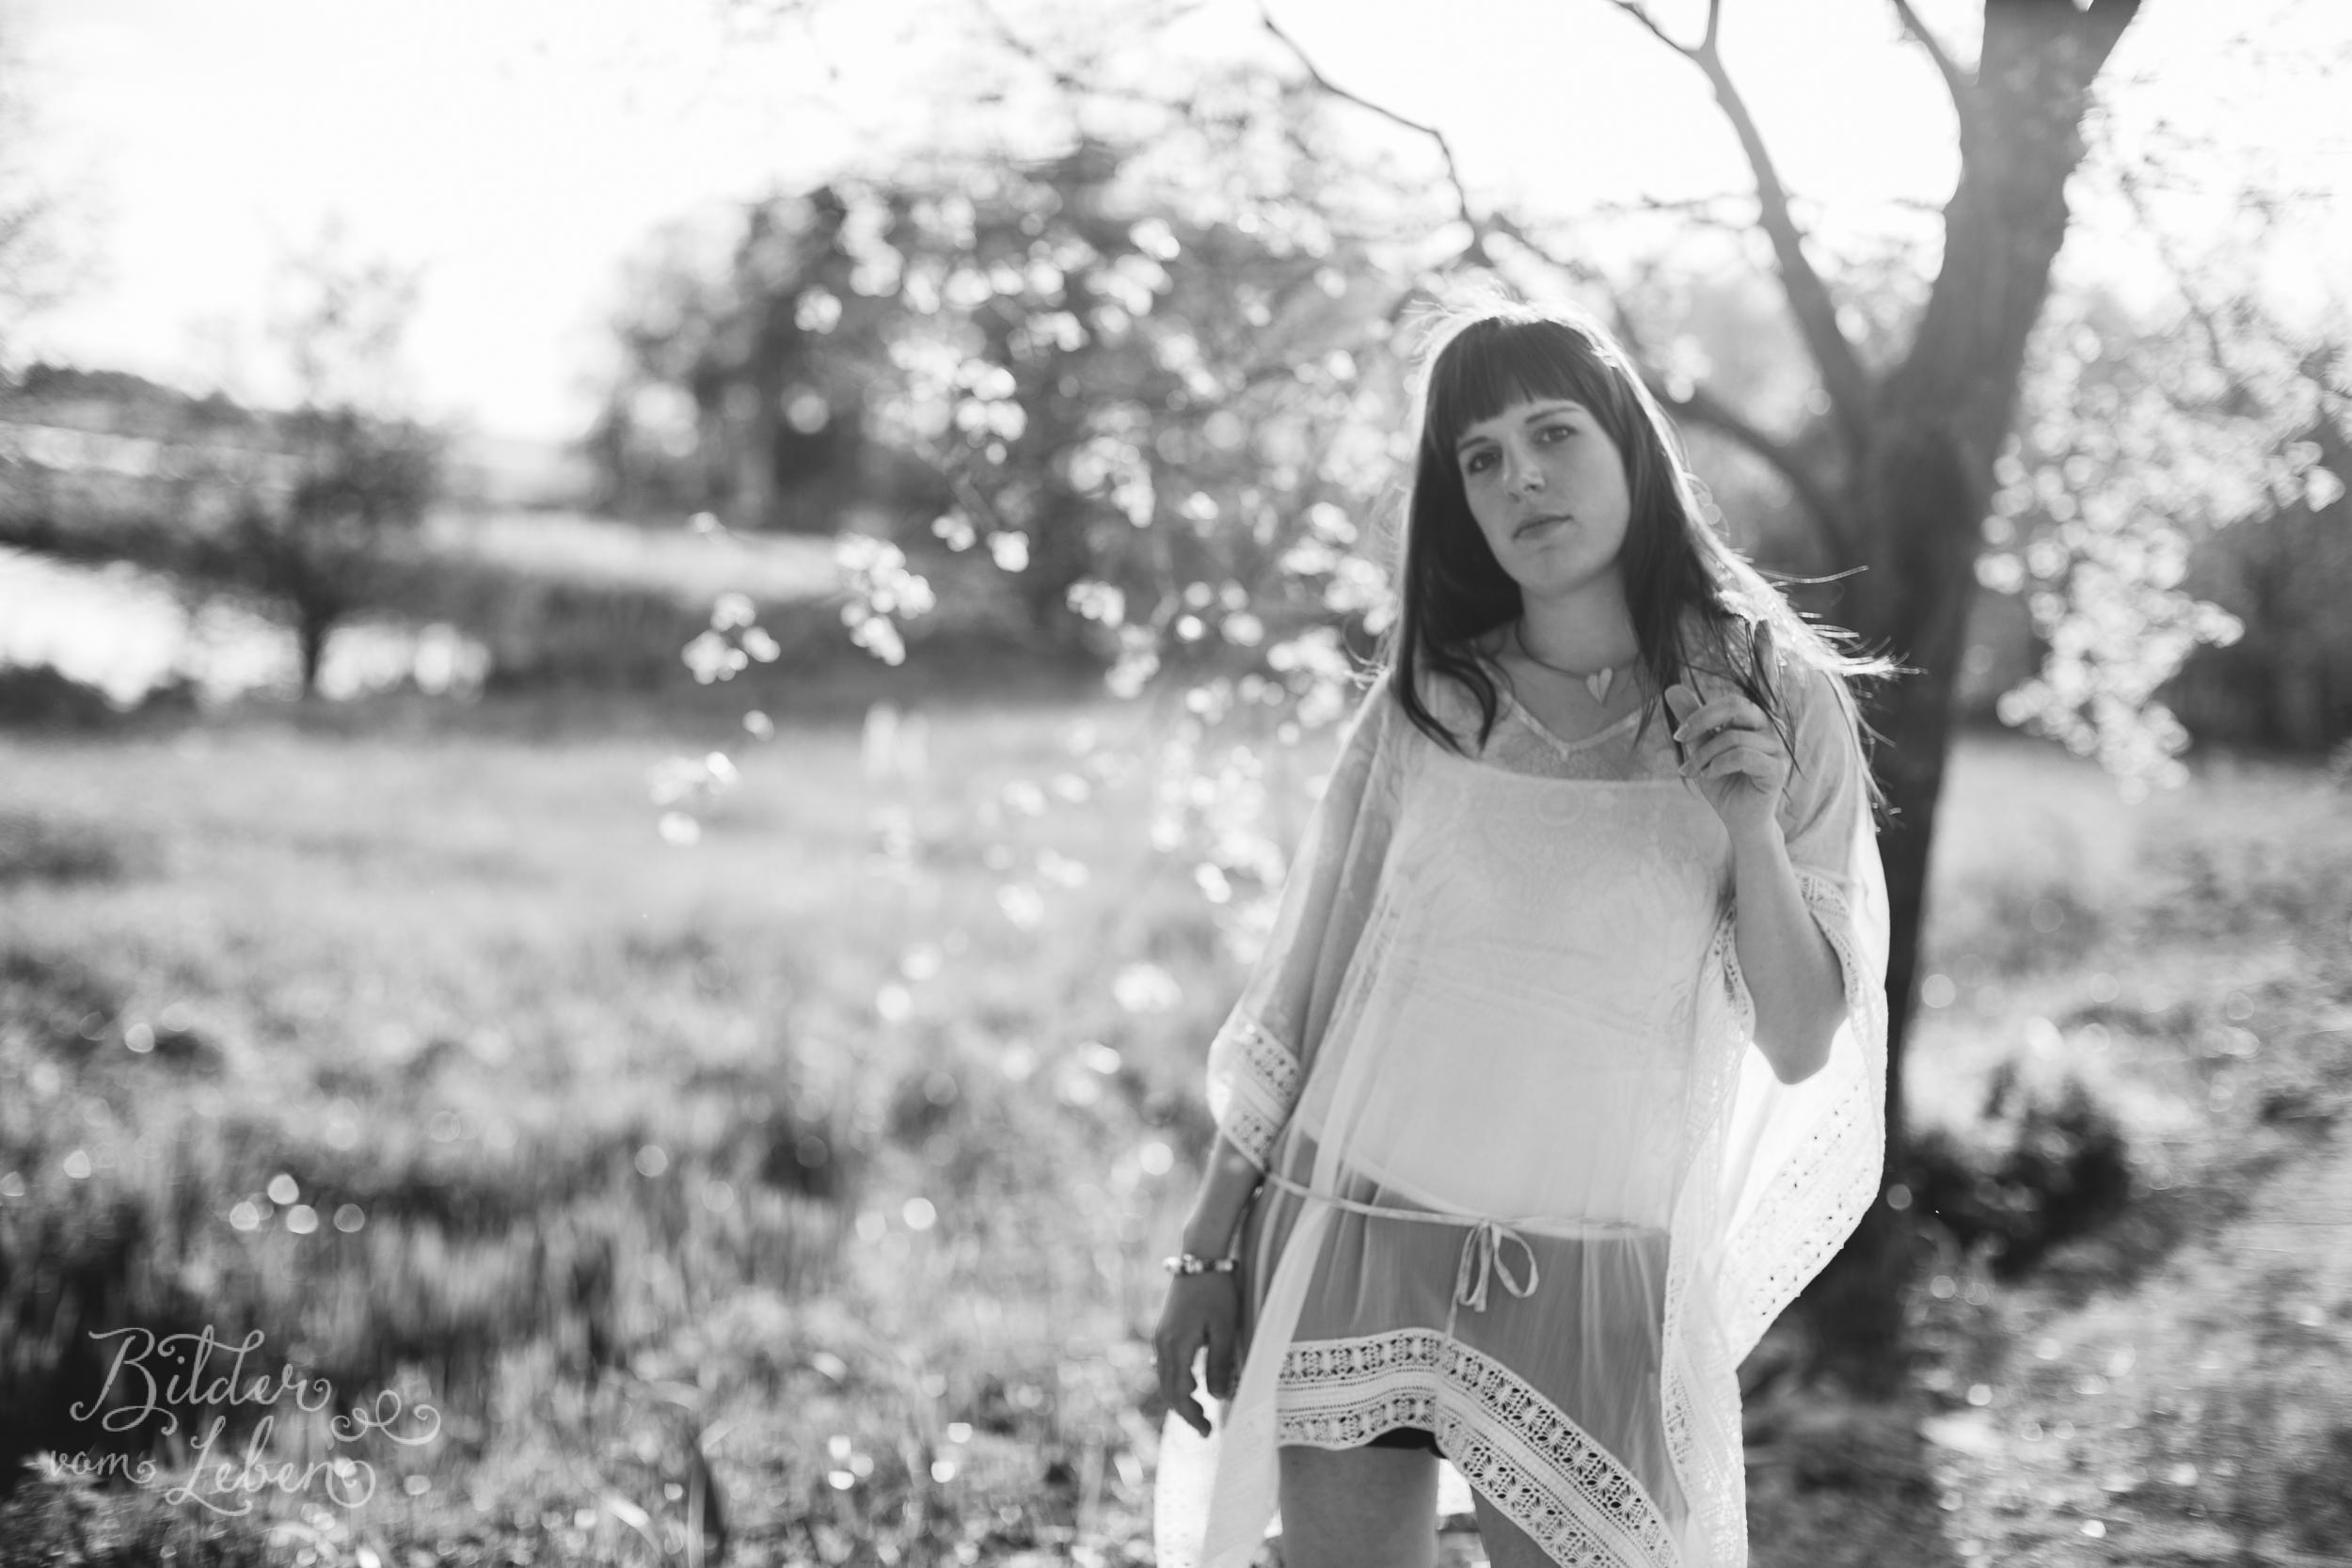 BildervomLeben-Fotografie-Christina-Heinig-Portraits-Gegenlicht-Susanne-2016-5543